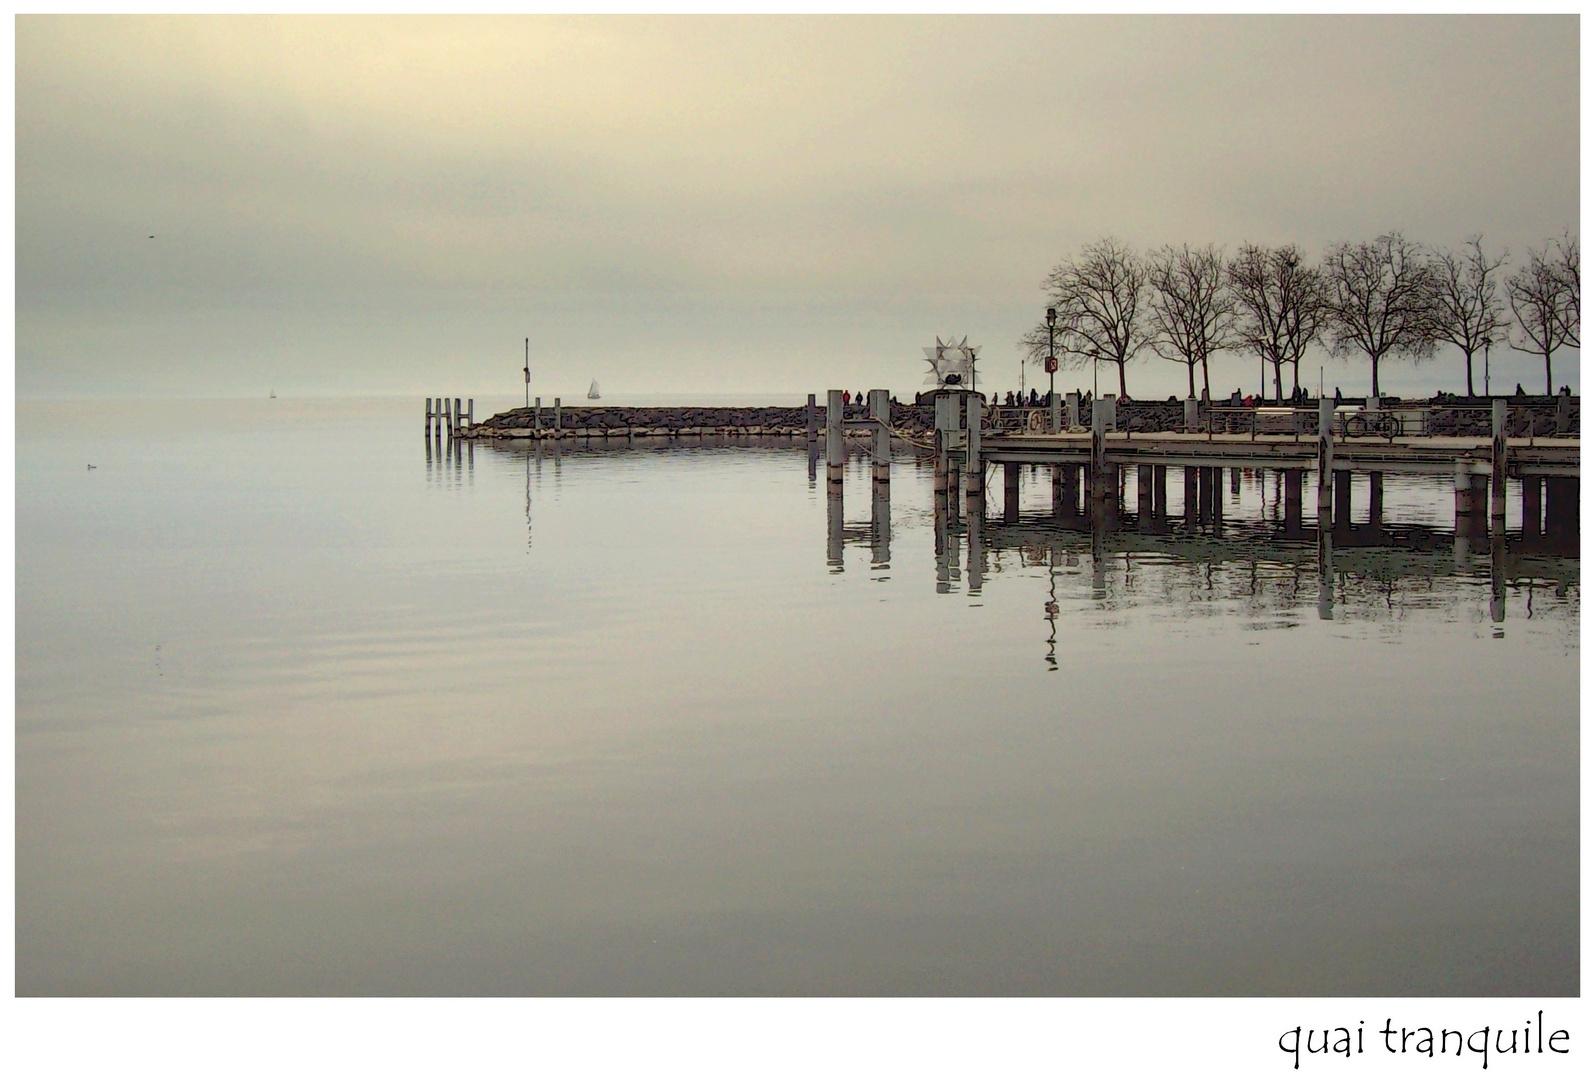 quai tranquile